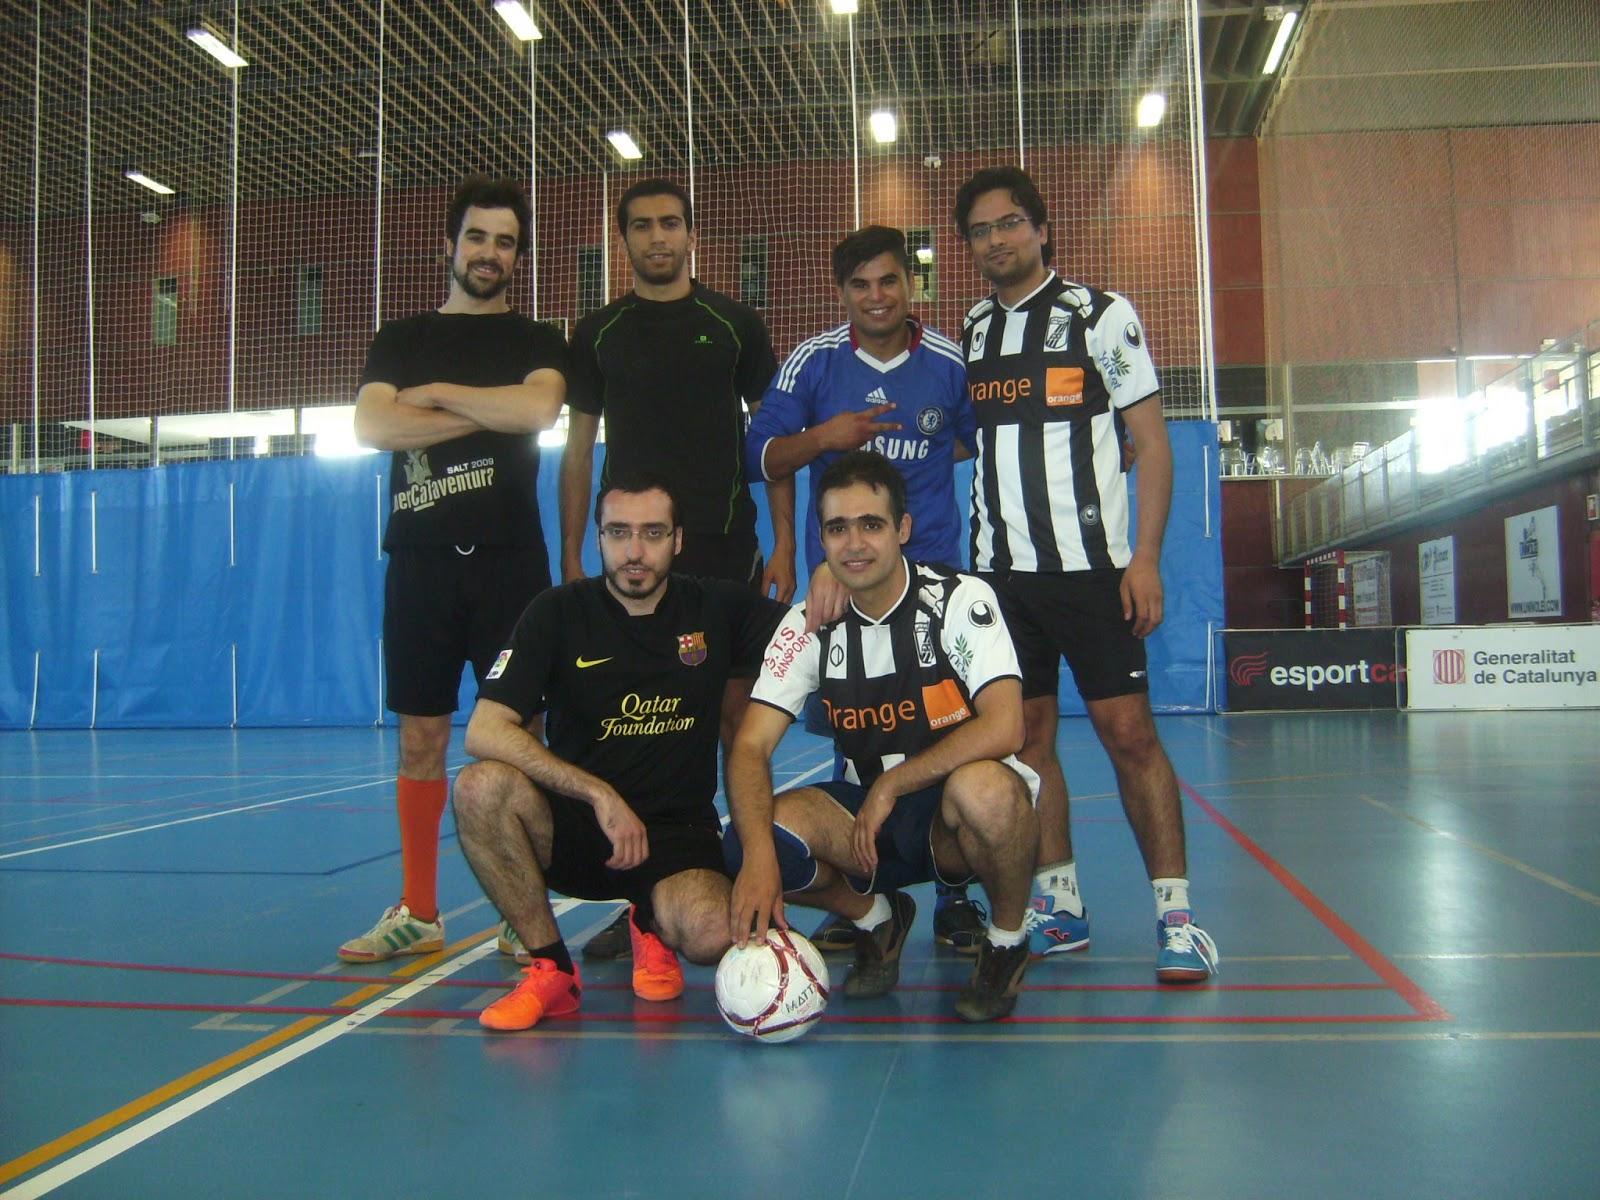 Al-IJLAS de Terrassa organiza el primer torneo de fútbol sala